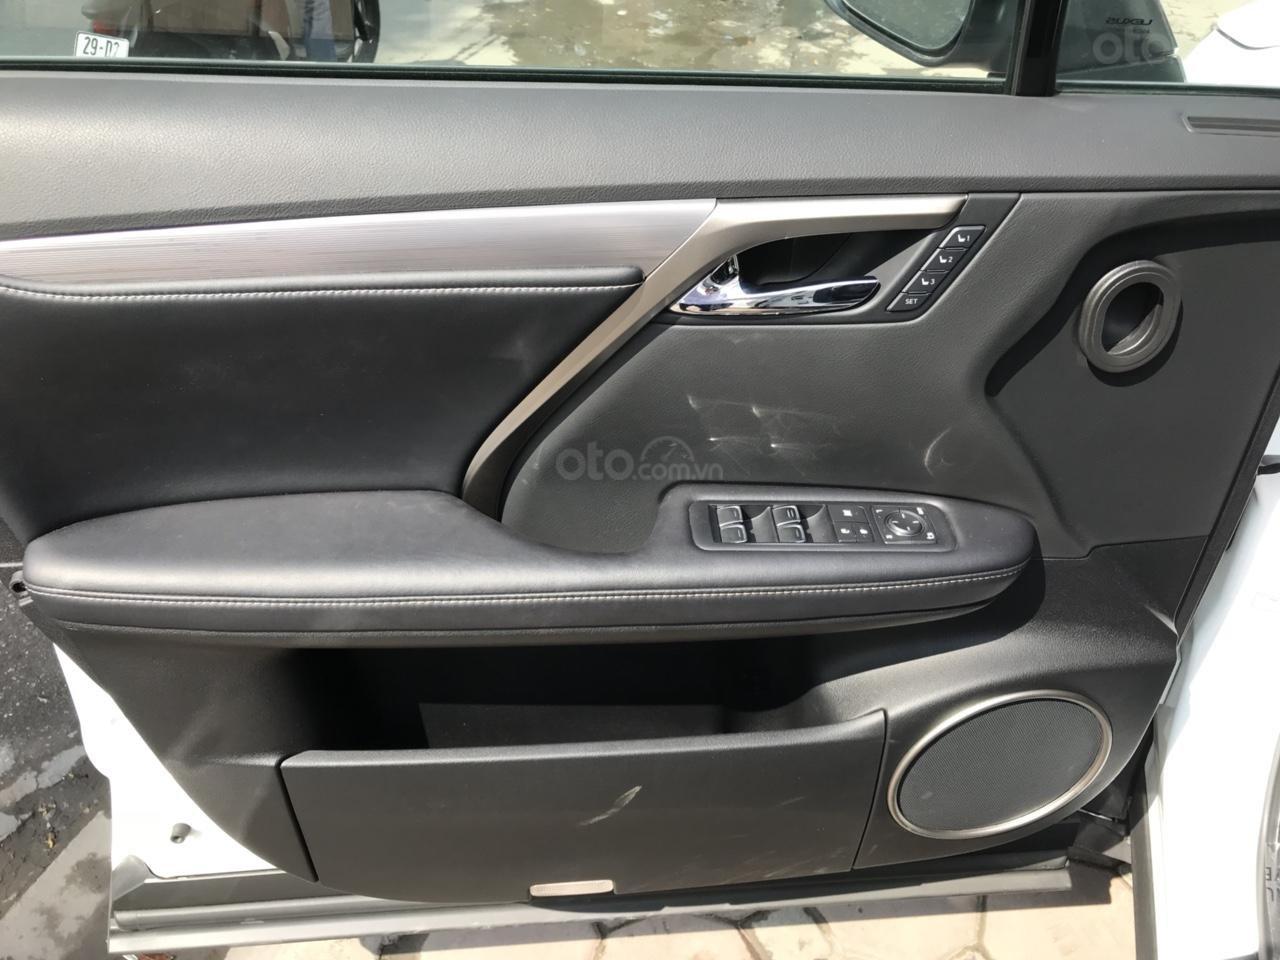 Bán Lexus RX 350 Fsport 2016, màu trắng, xe nhập Mỹ, LH Ms Hương 0945392468 (11)